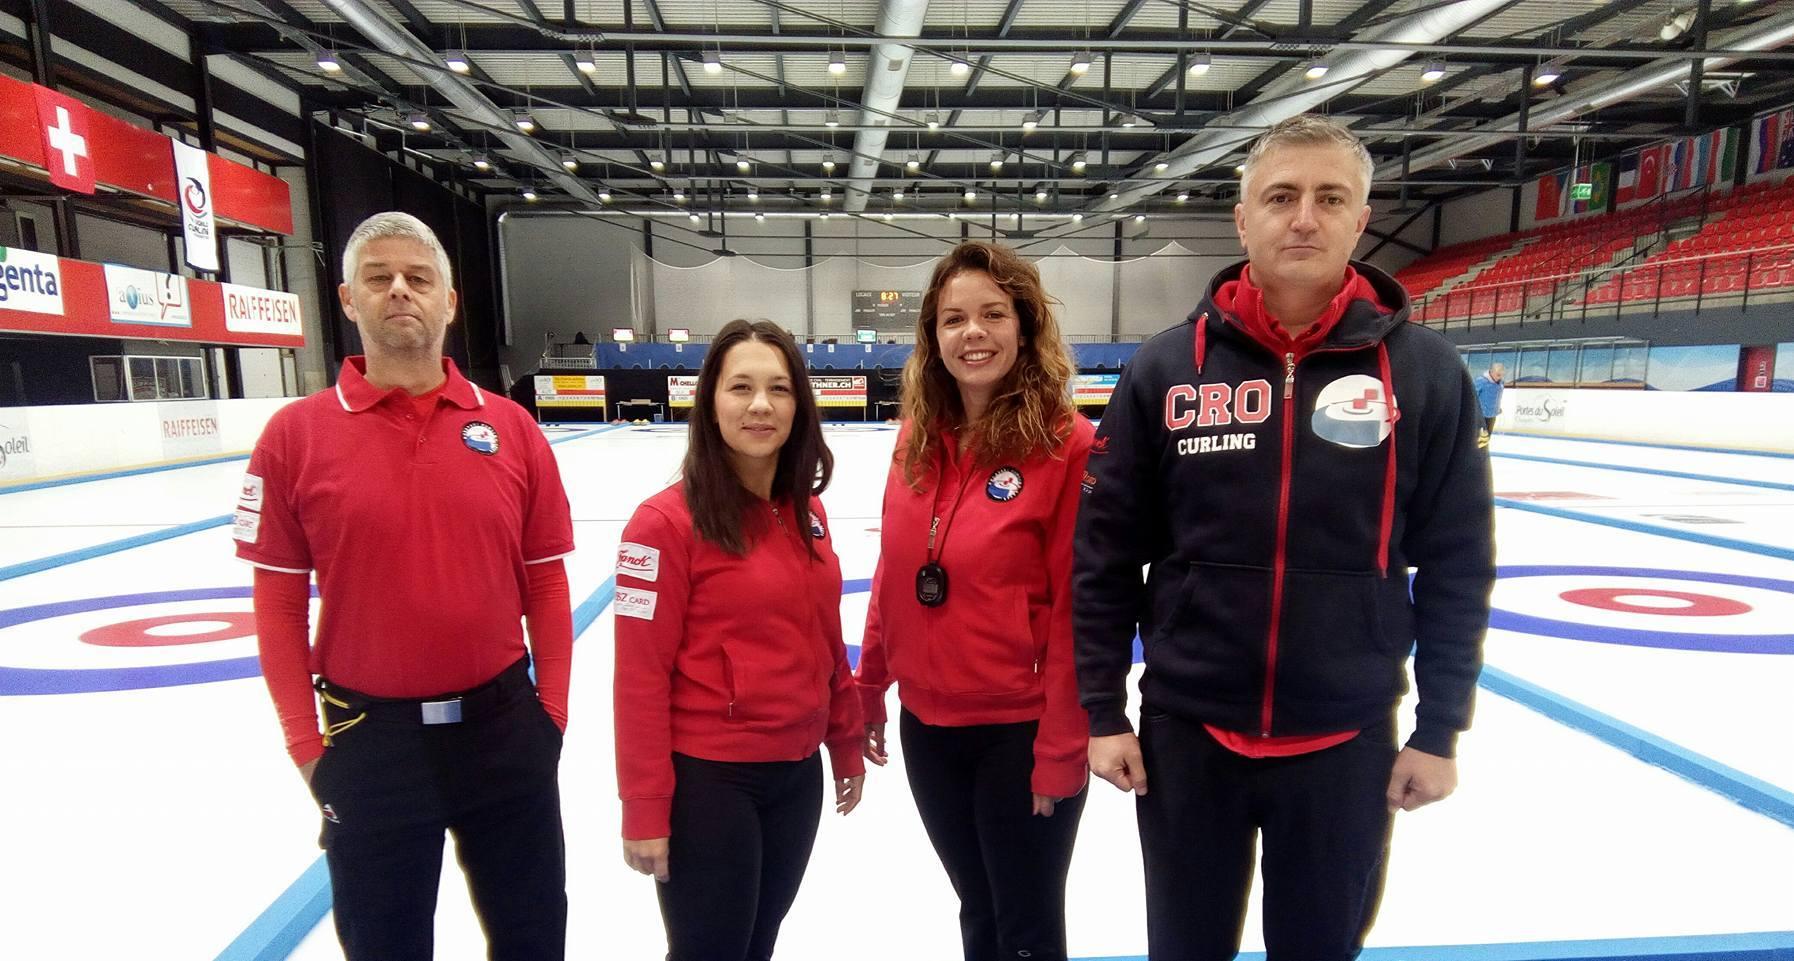 Hrvatska mix curling reprezentacija 2017